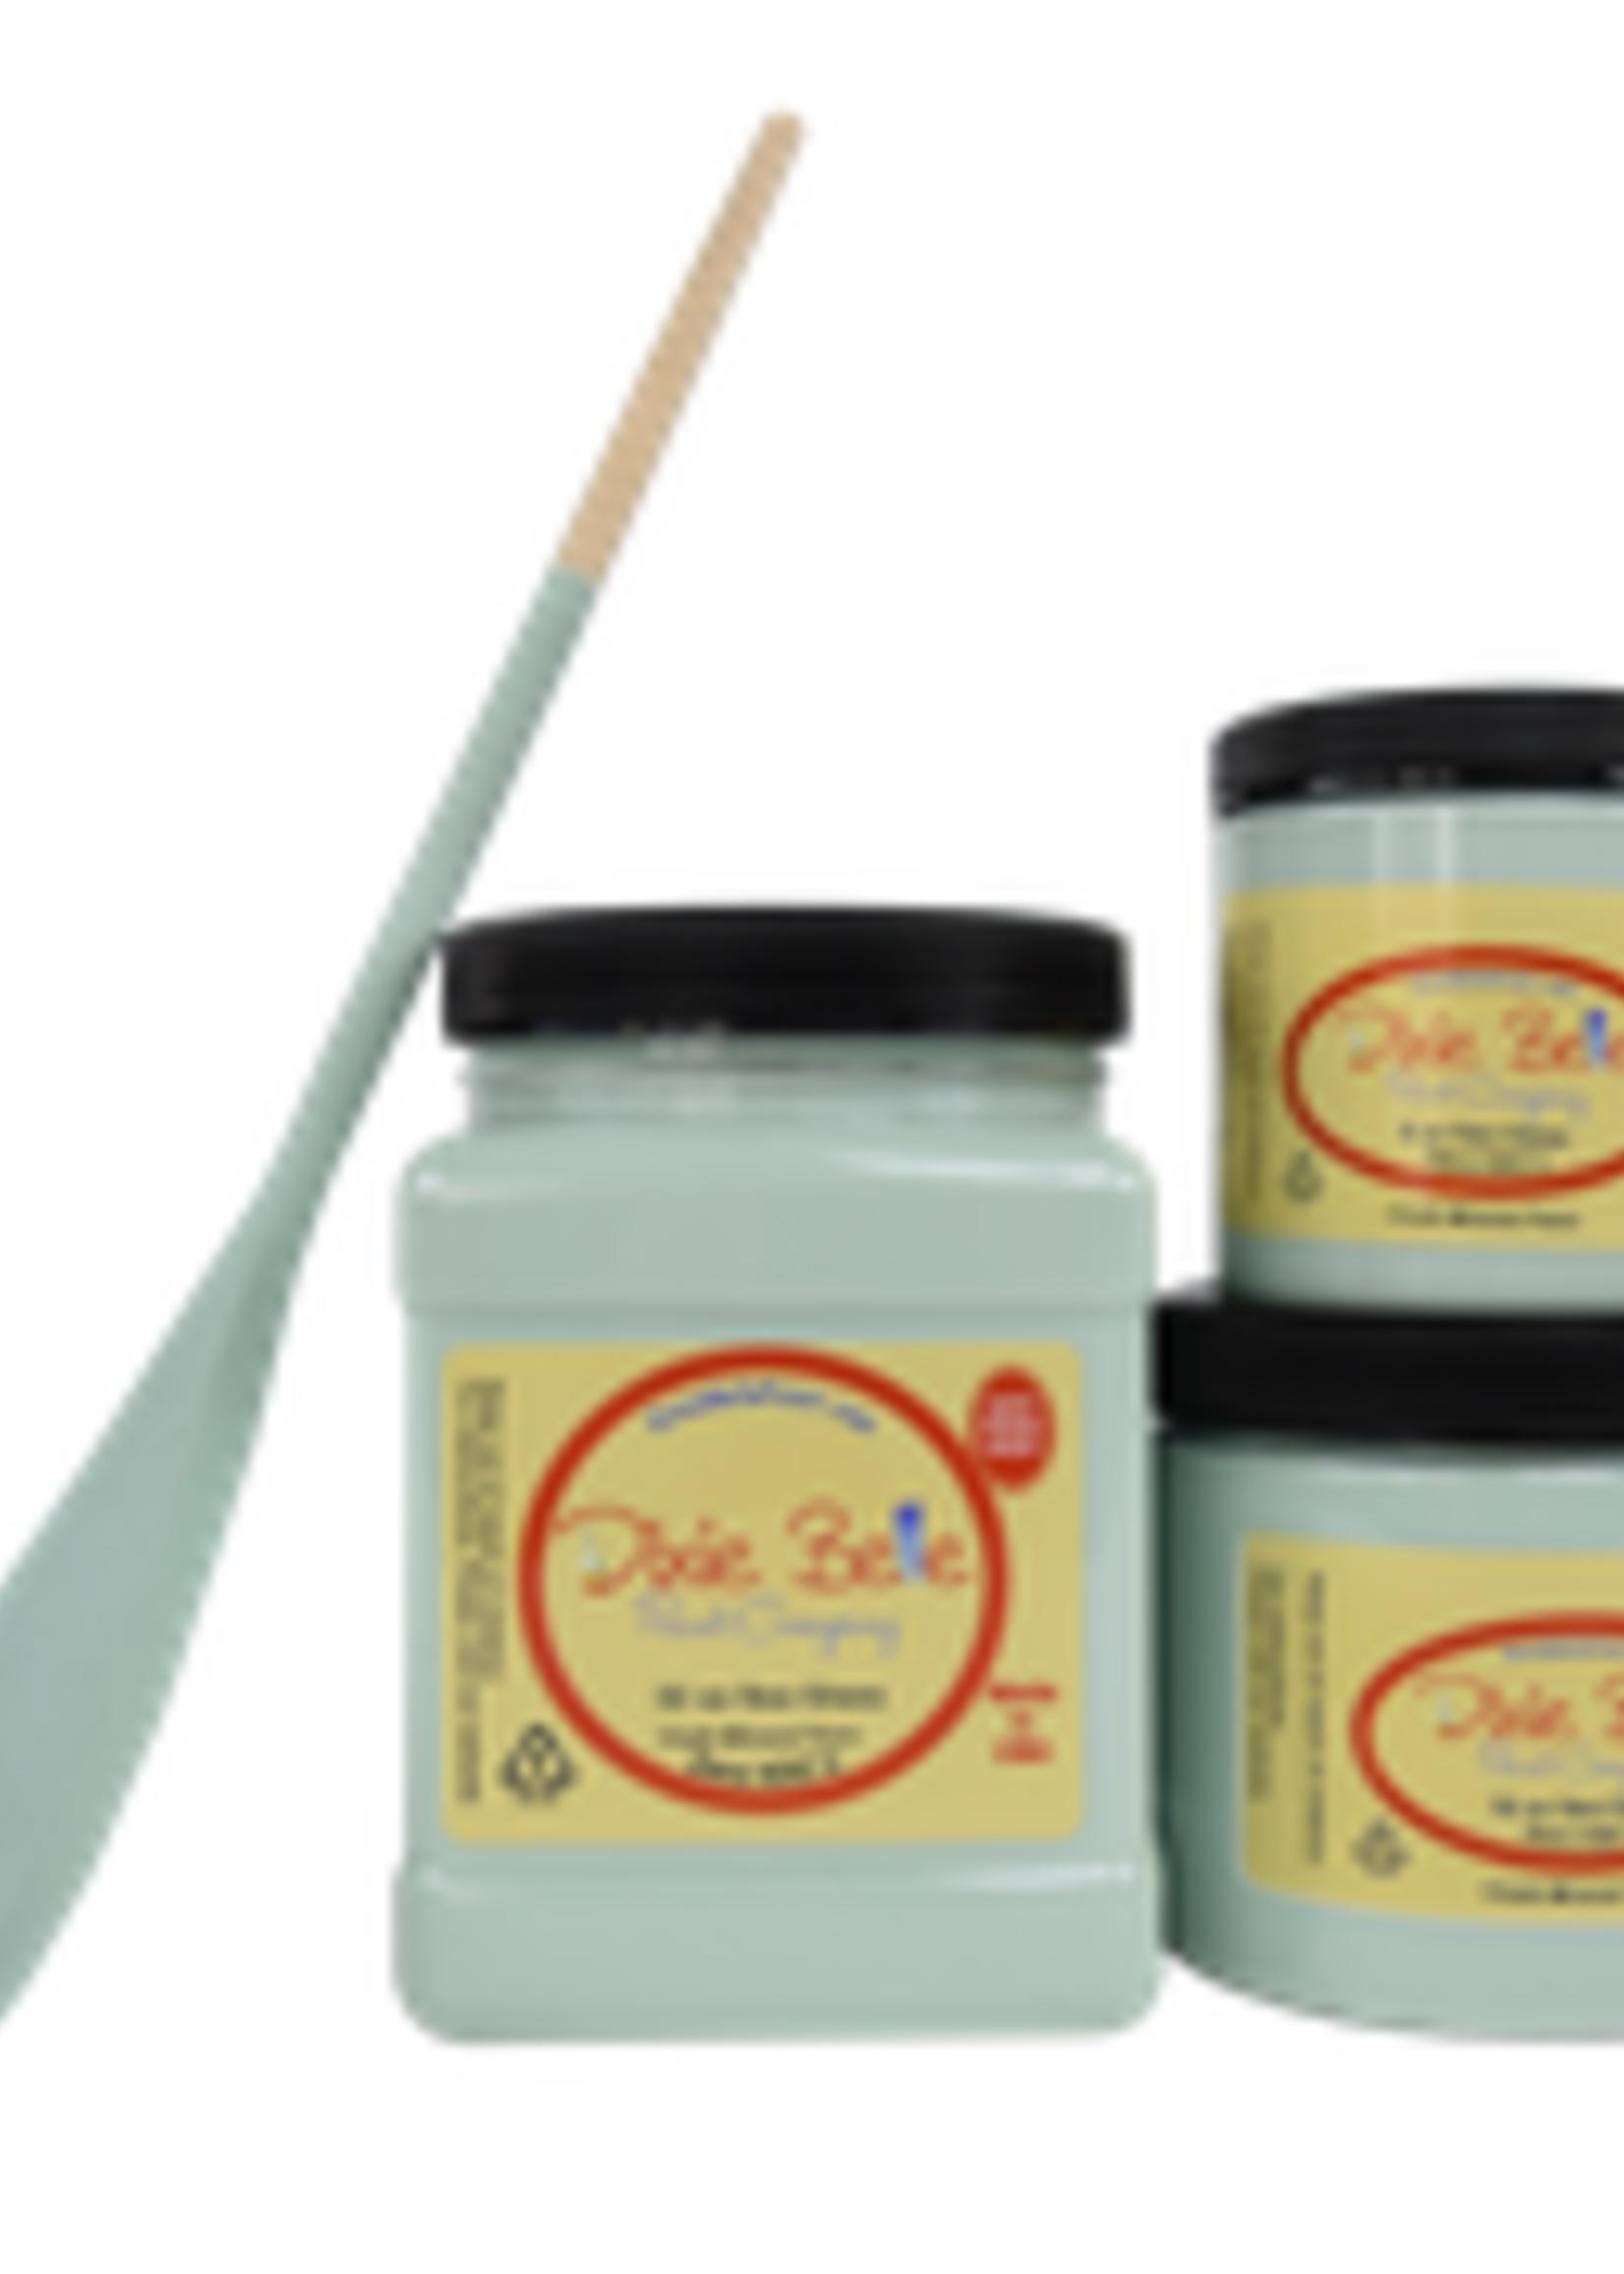 Chalk Mineral Paint Sea Glass 16 oz